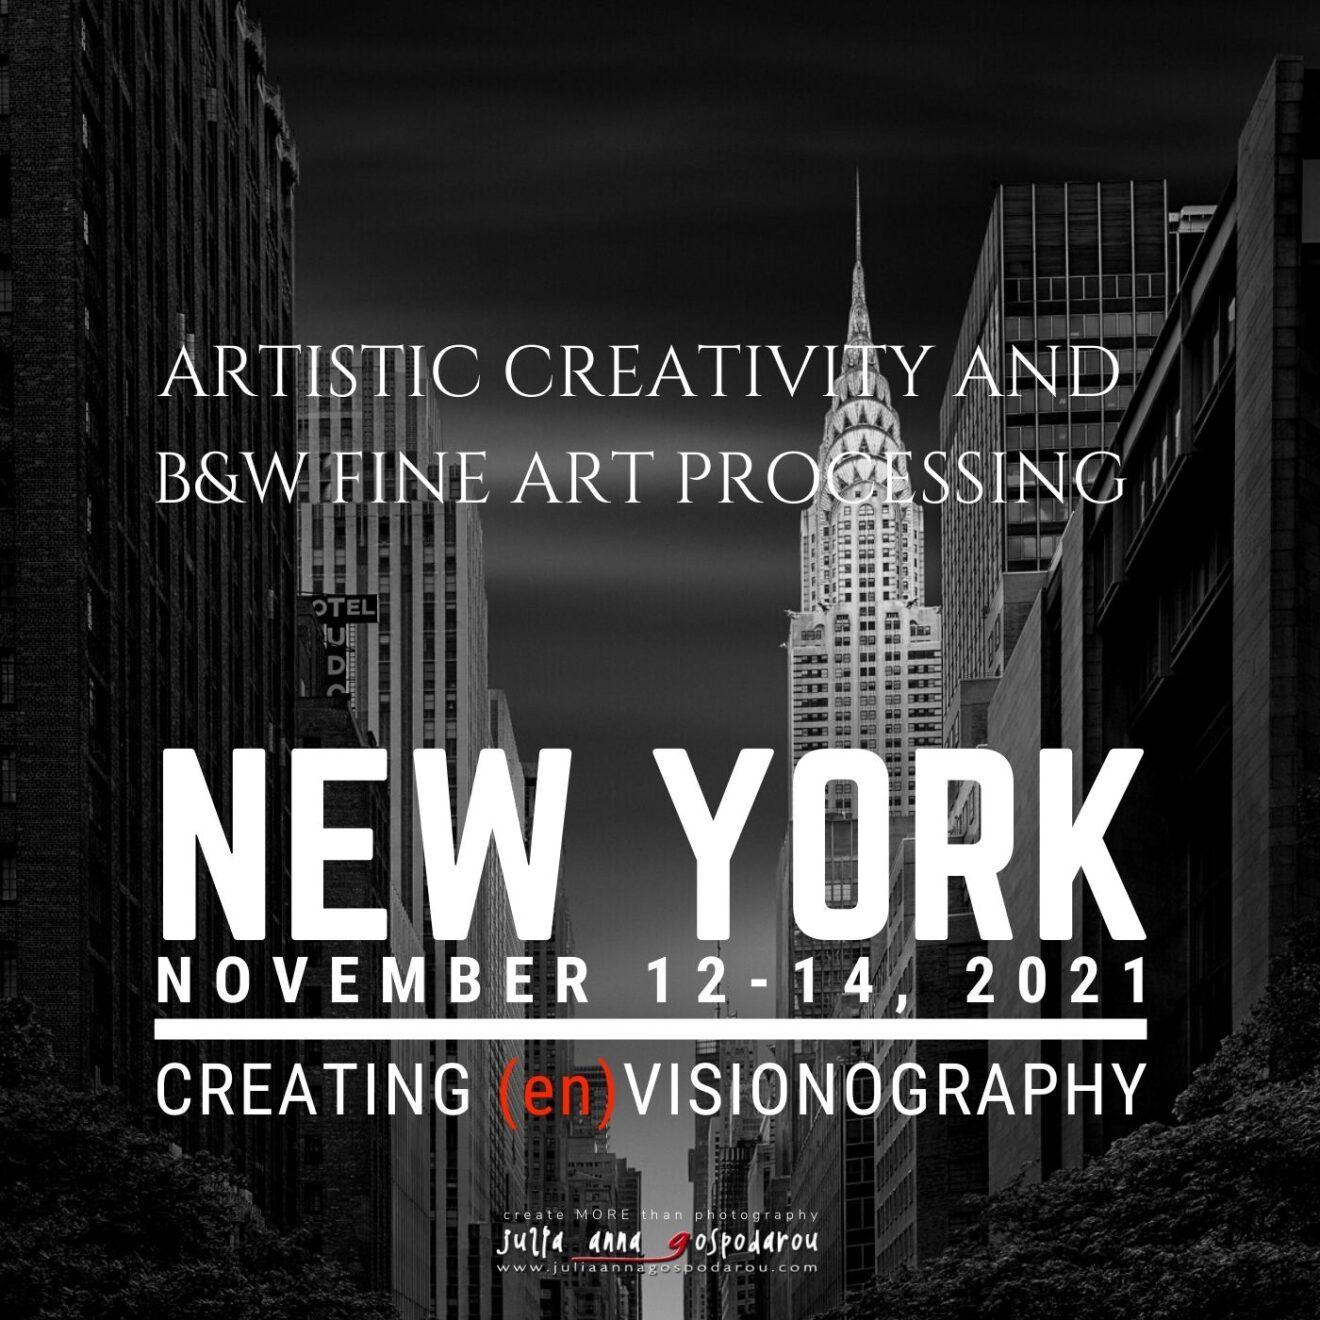 new york workshop 2021